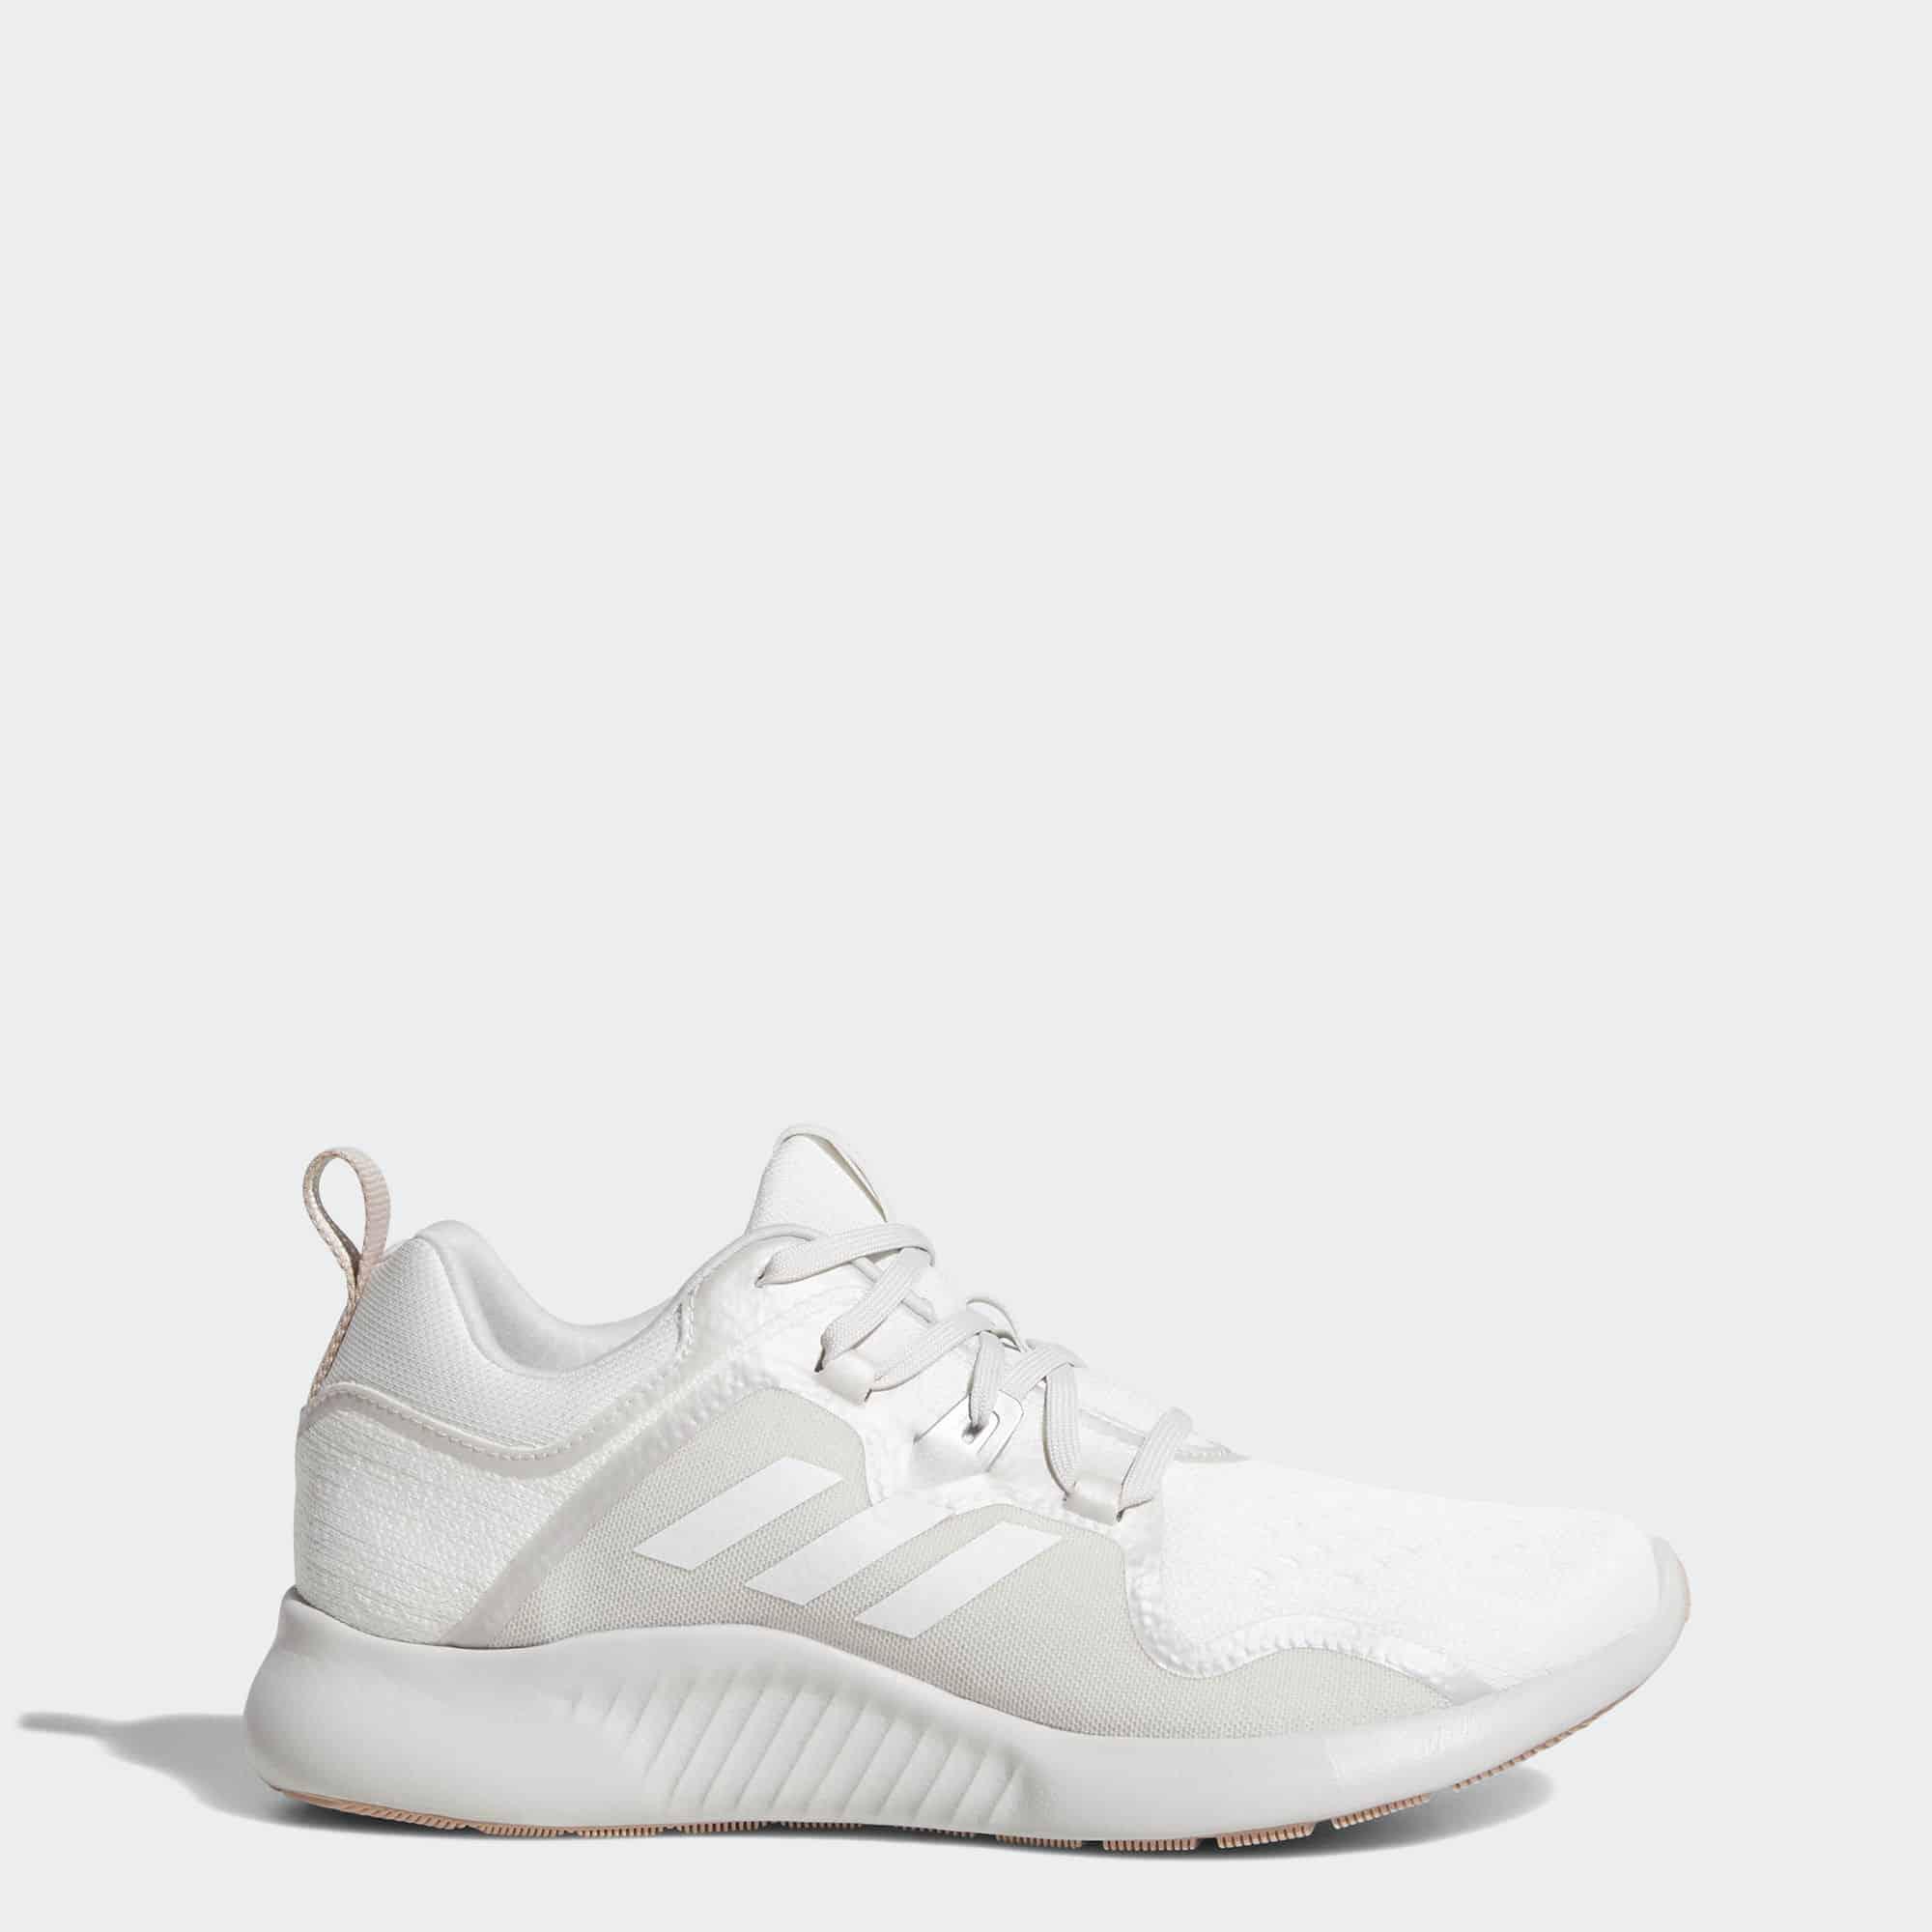 Кроссовки для бега Adidas Edgebounce женские